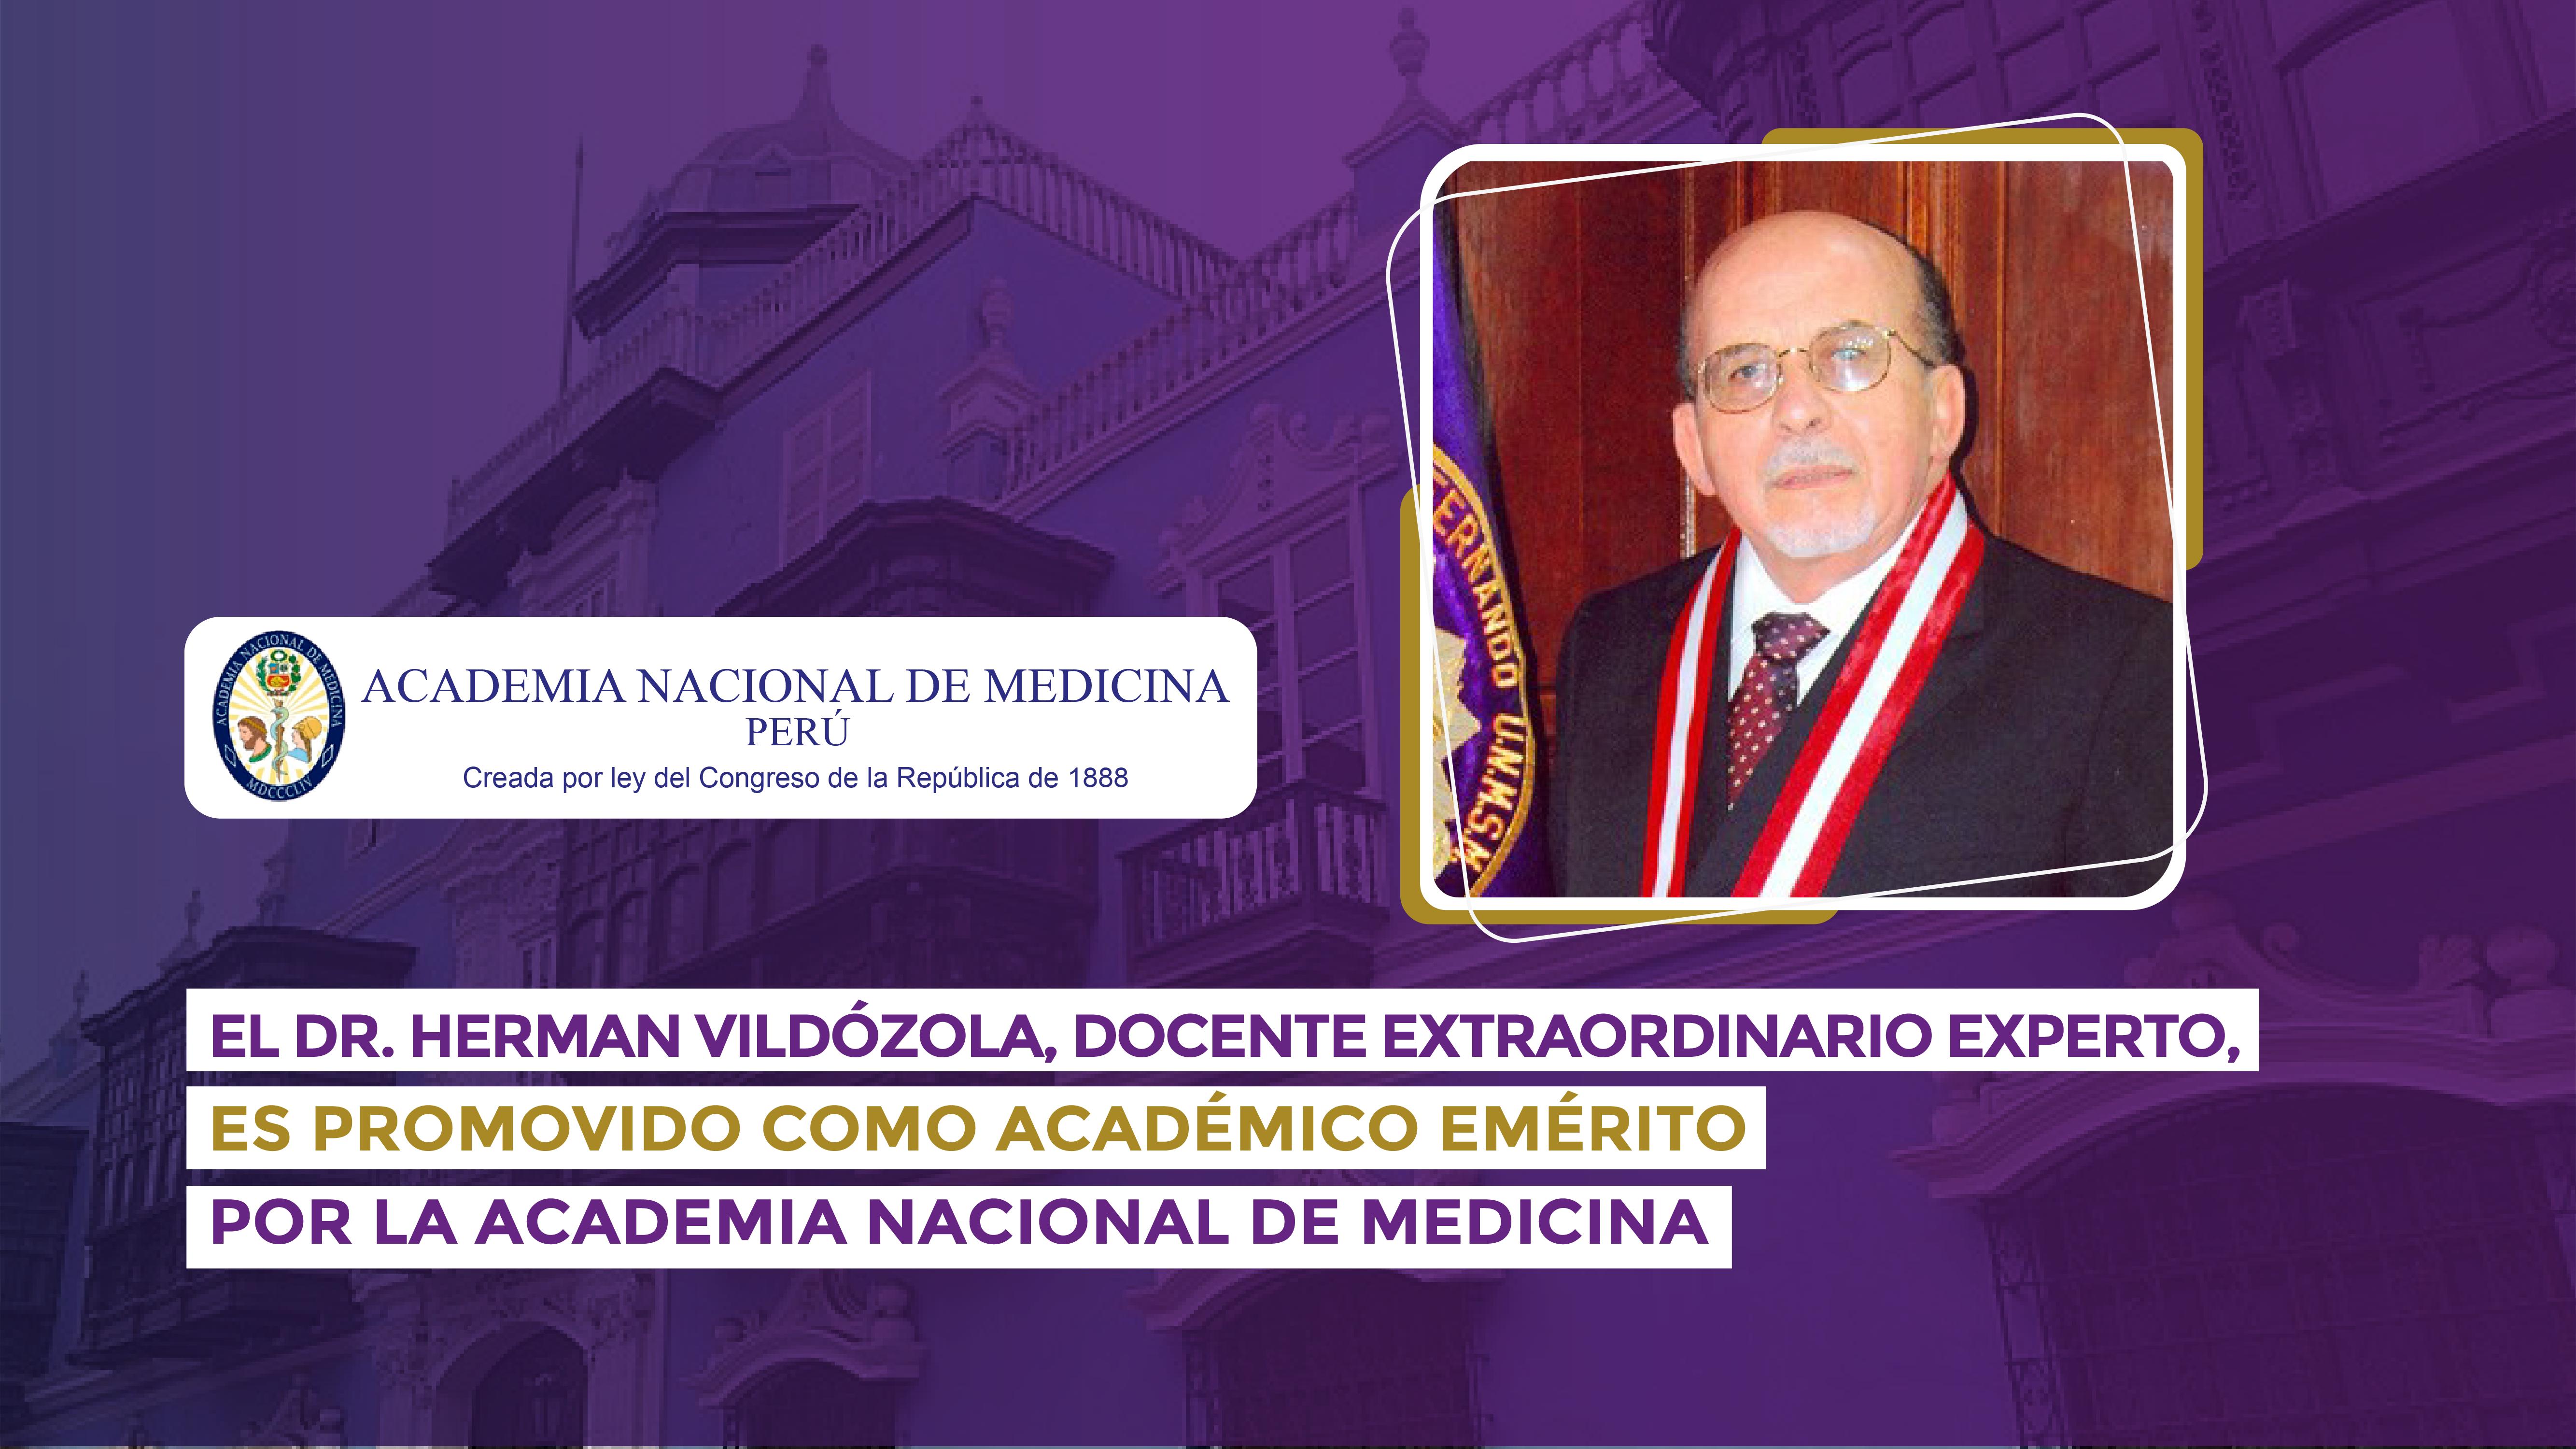 El Dr. Hermán Vildózola, docente extraordinario experto, es promovido como Académico Emérito por la Academia Nacional de Medicina